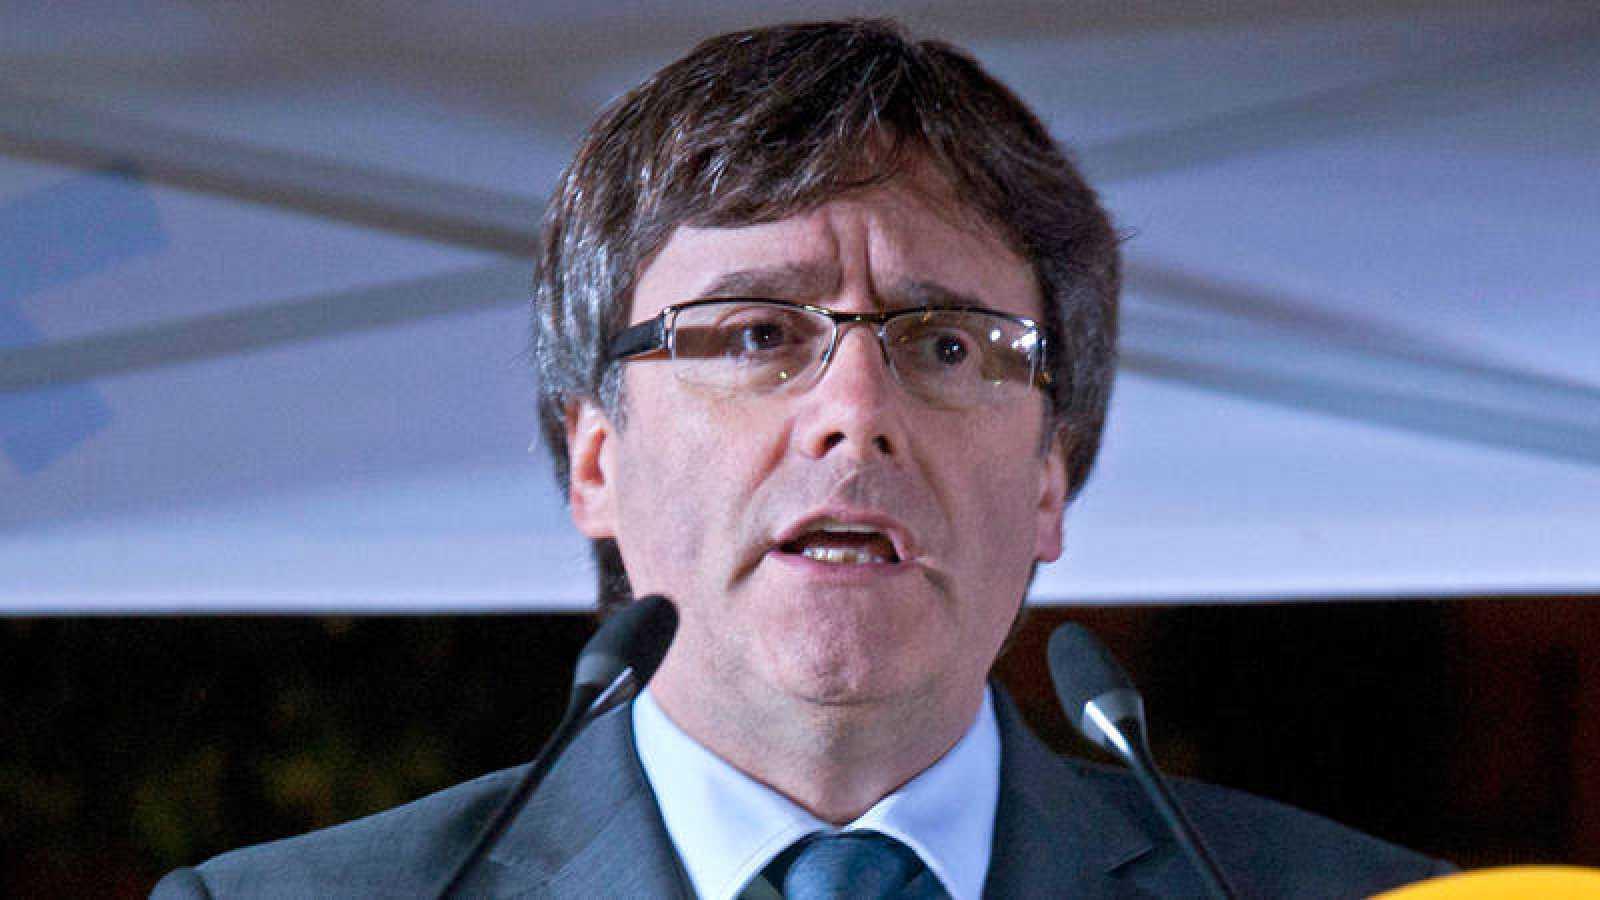 El presidente de la Generalitat de Cataluña Carles Puigdemont